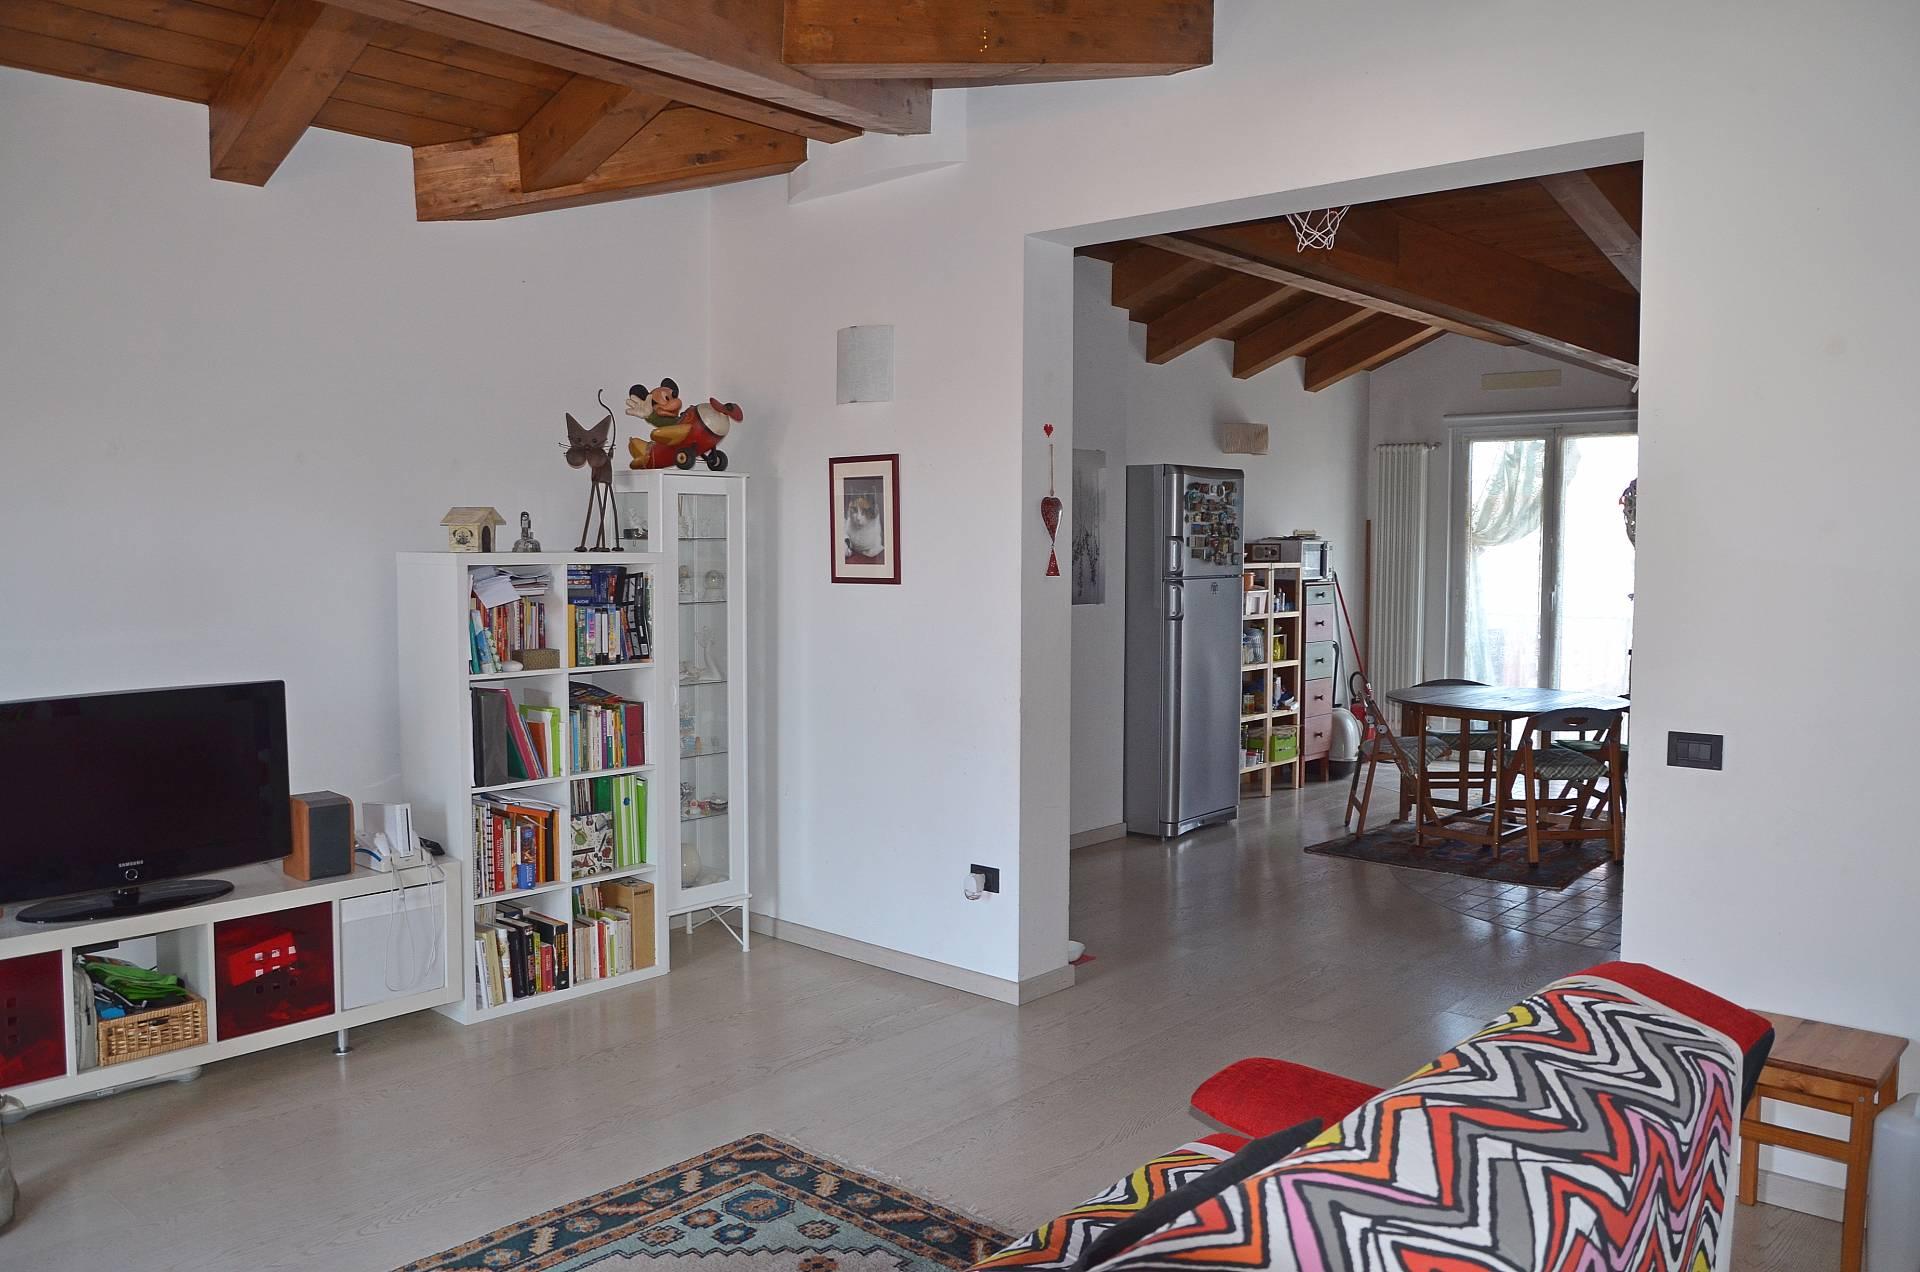 Attico / Mansarda in vendita a Montesilvano, 4 locali, zona Località: centro, prezzo € 123.000 | CambioCasa.it